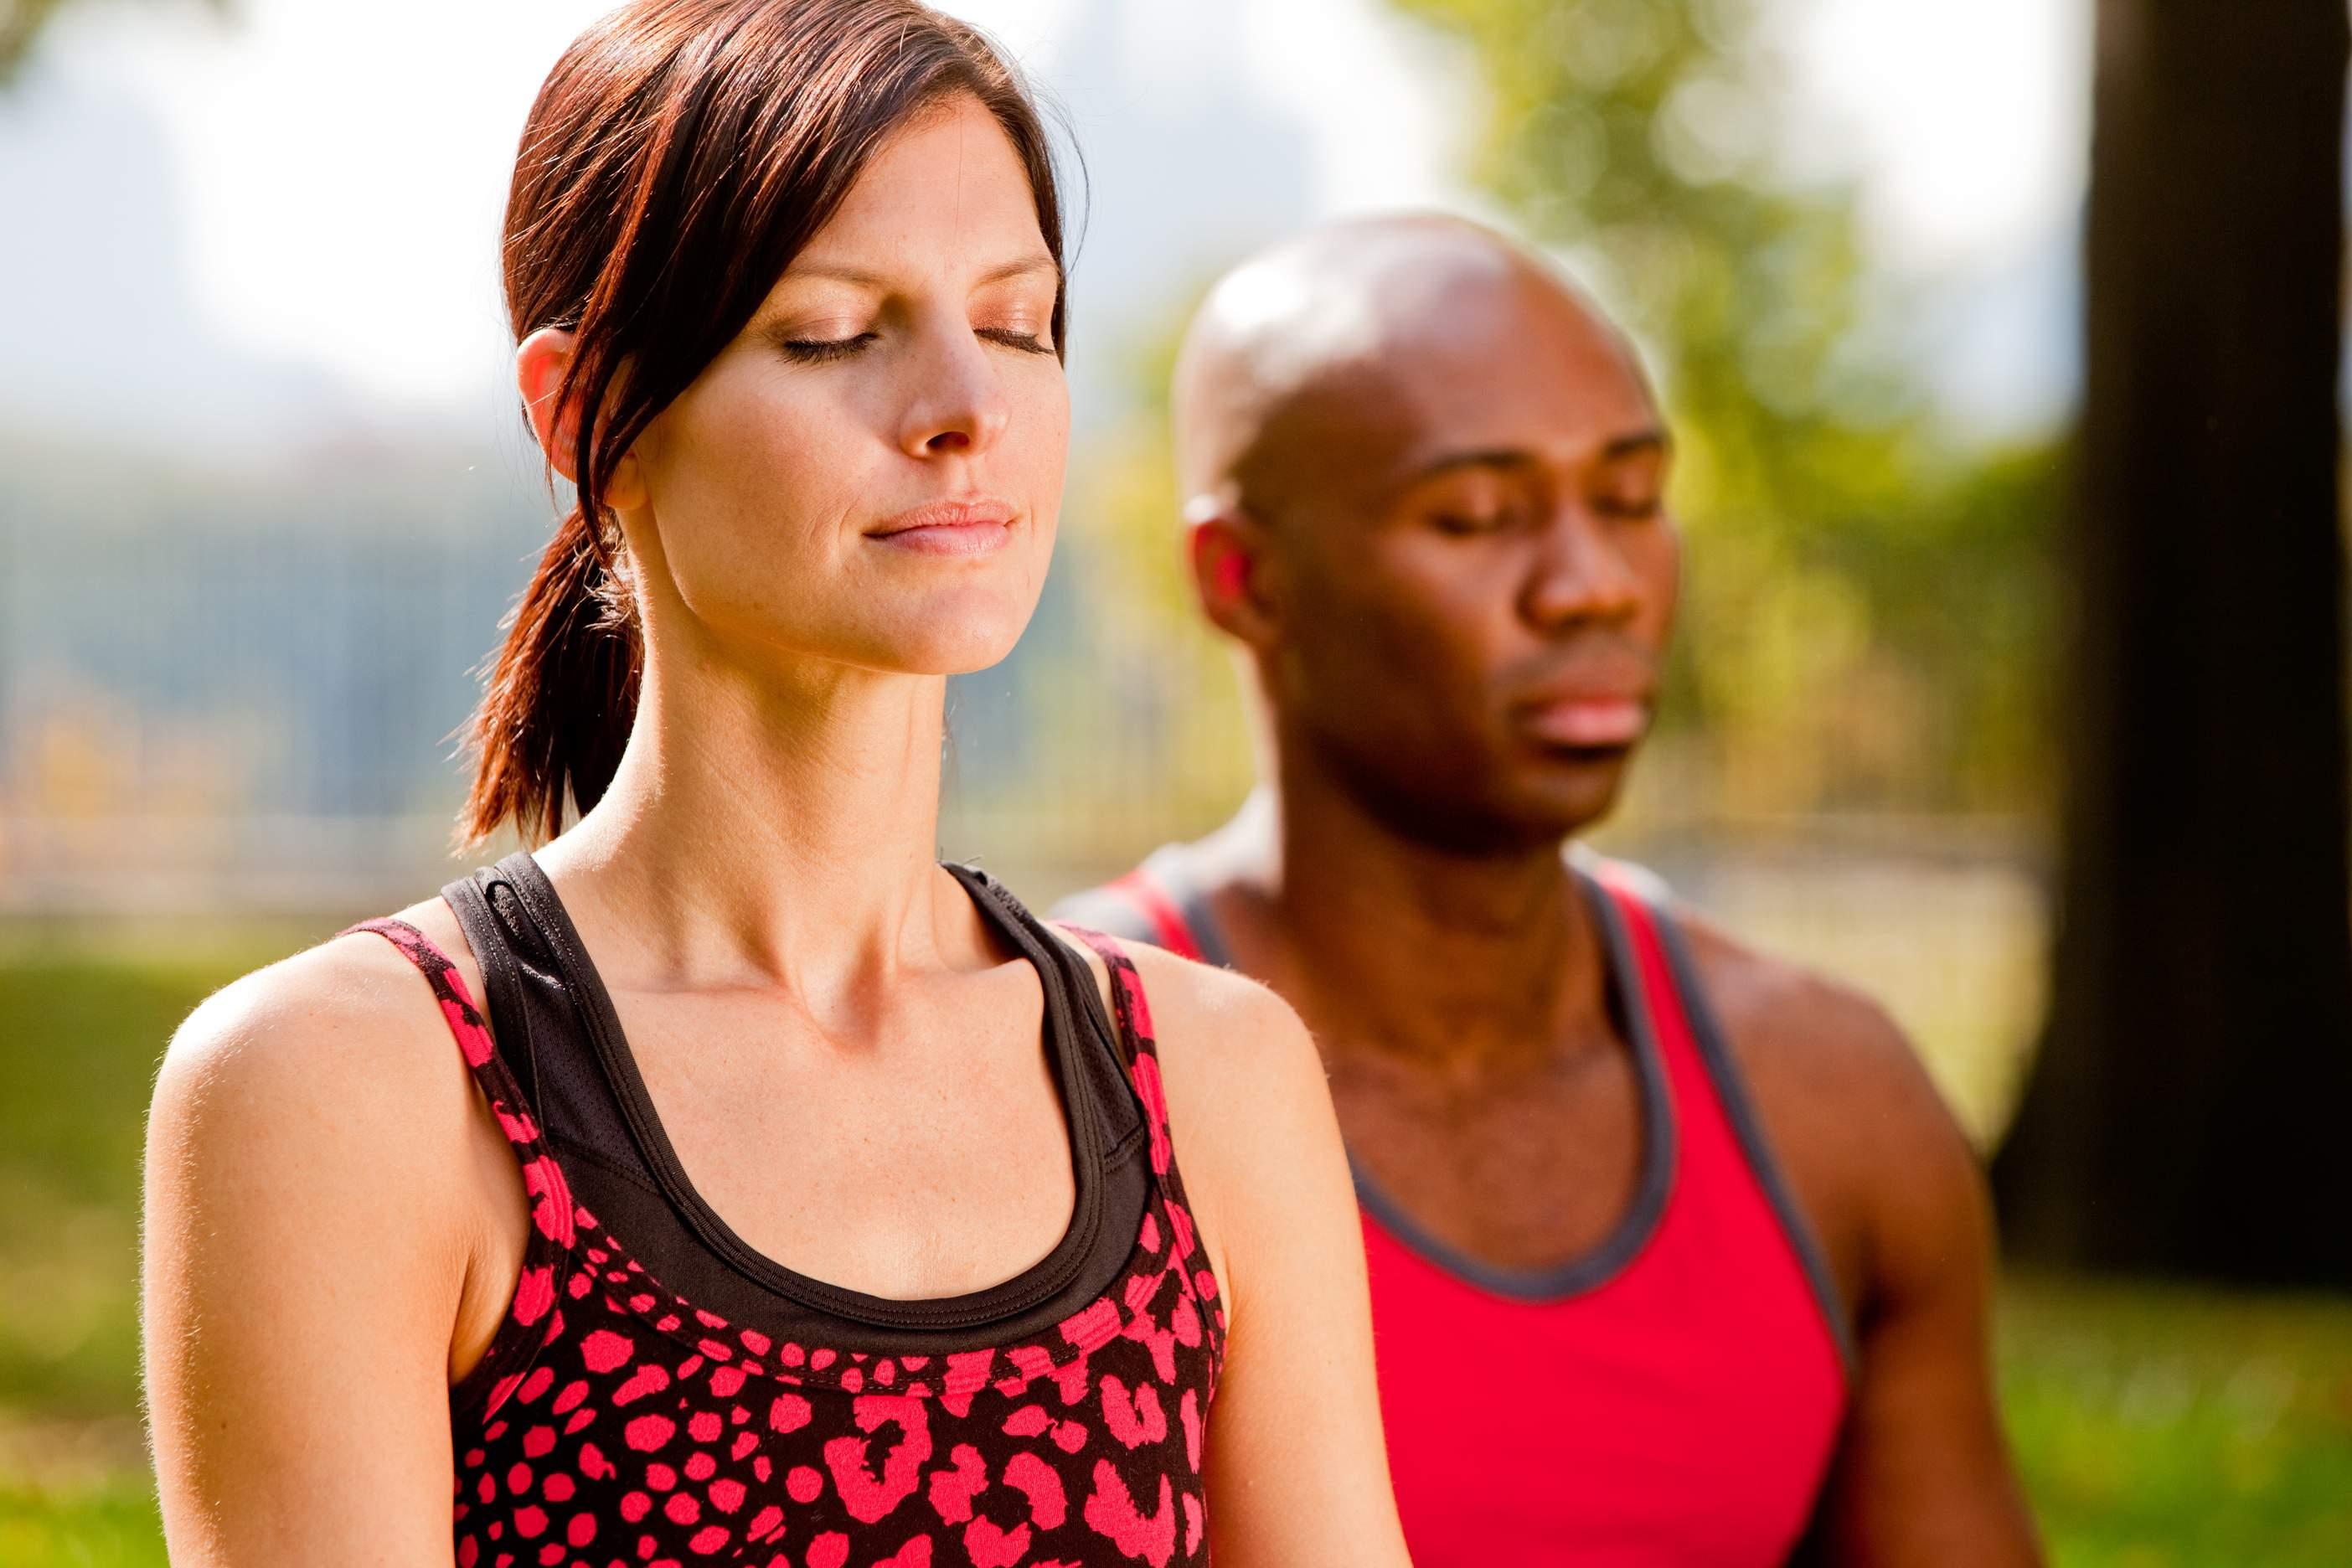 Achtsamkeitstraining steigert die sportliche Leistung